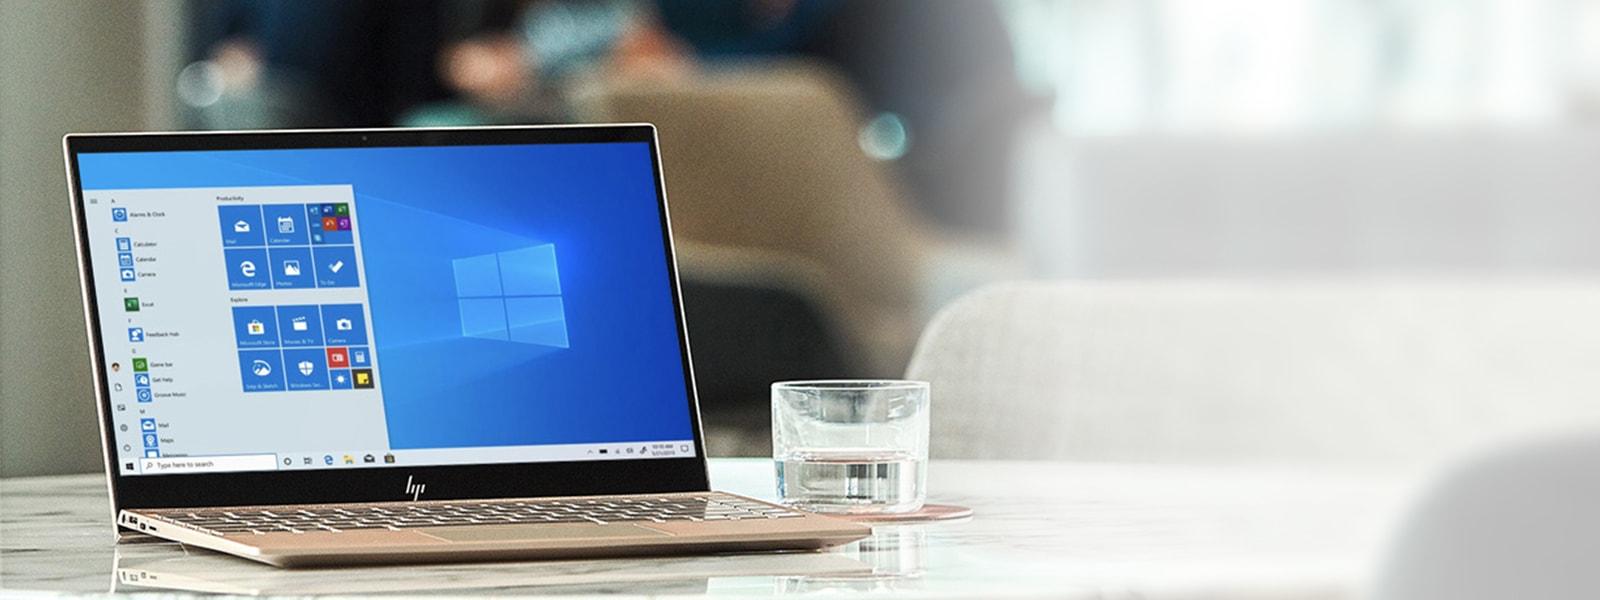 كمبيوتر محمول موضوع على طاولة